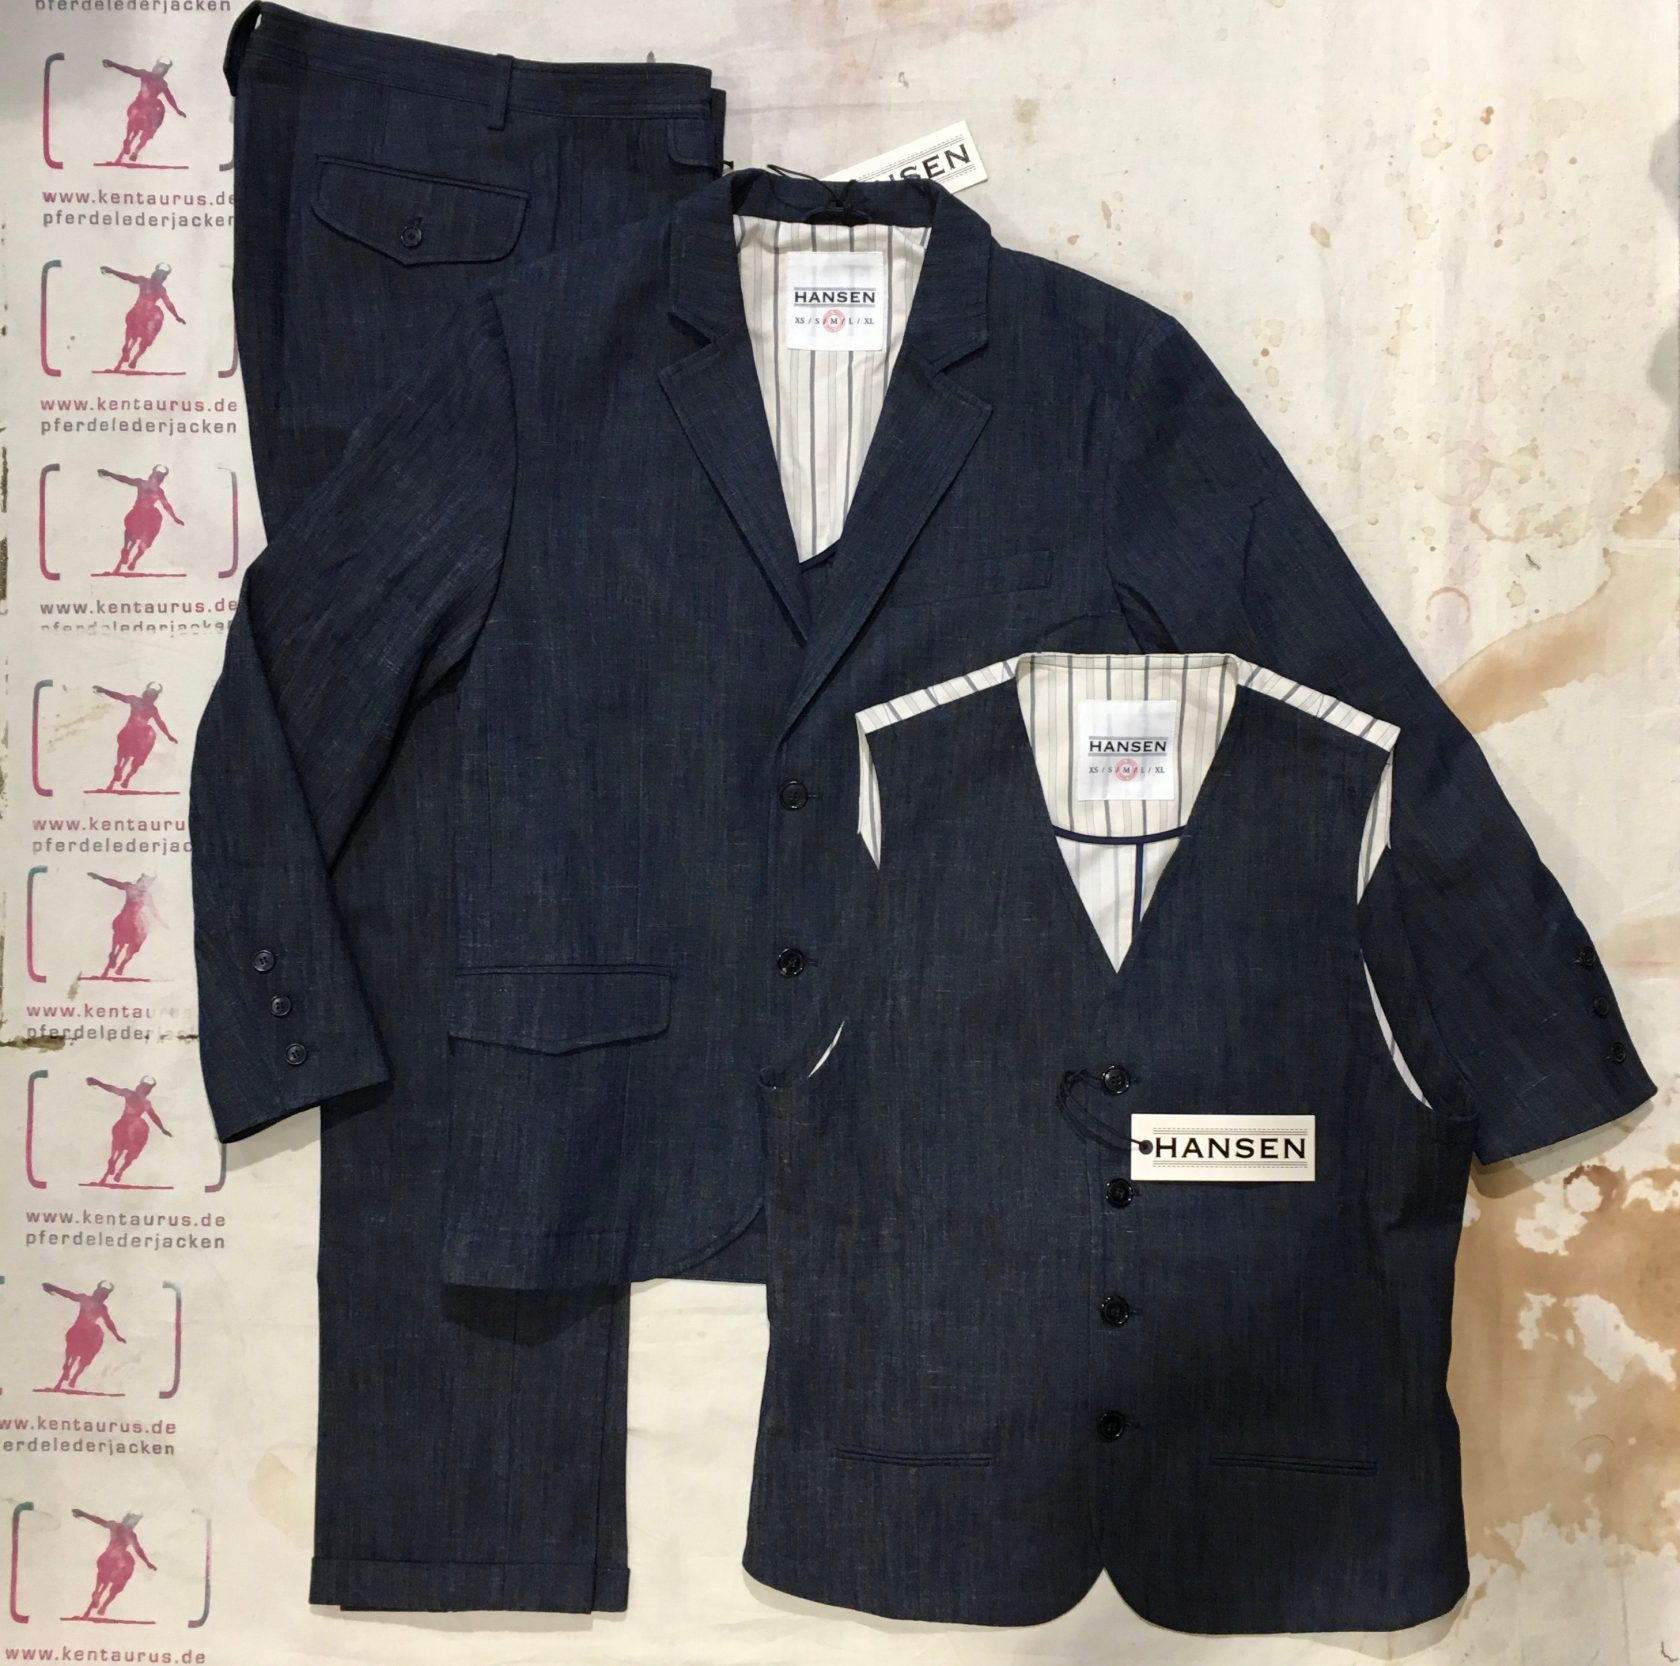 Hansen 3 piece suit real indigo